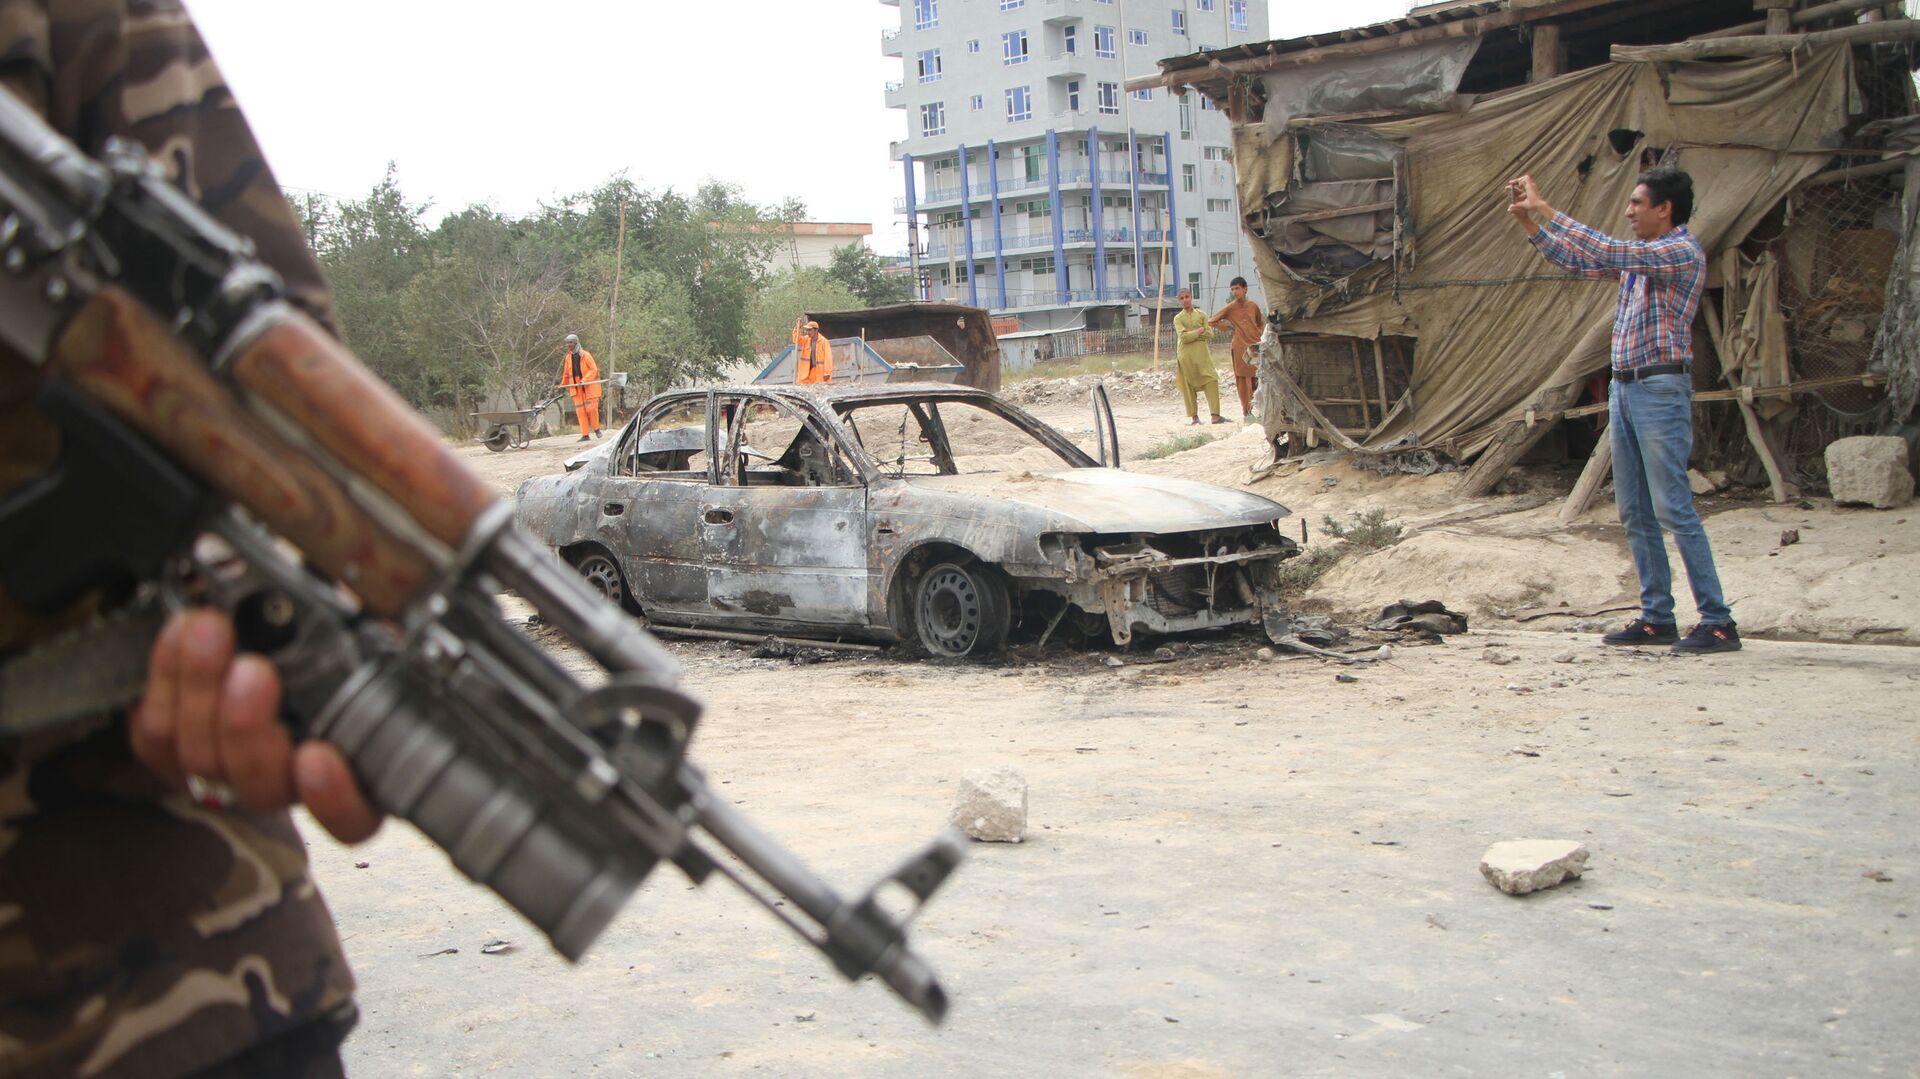 Situation en Afghanistan après le retour des talibans* au pouvoir, août 2021 - Sputnik France, 1920, 12.09.2021